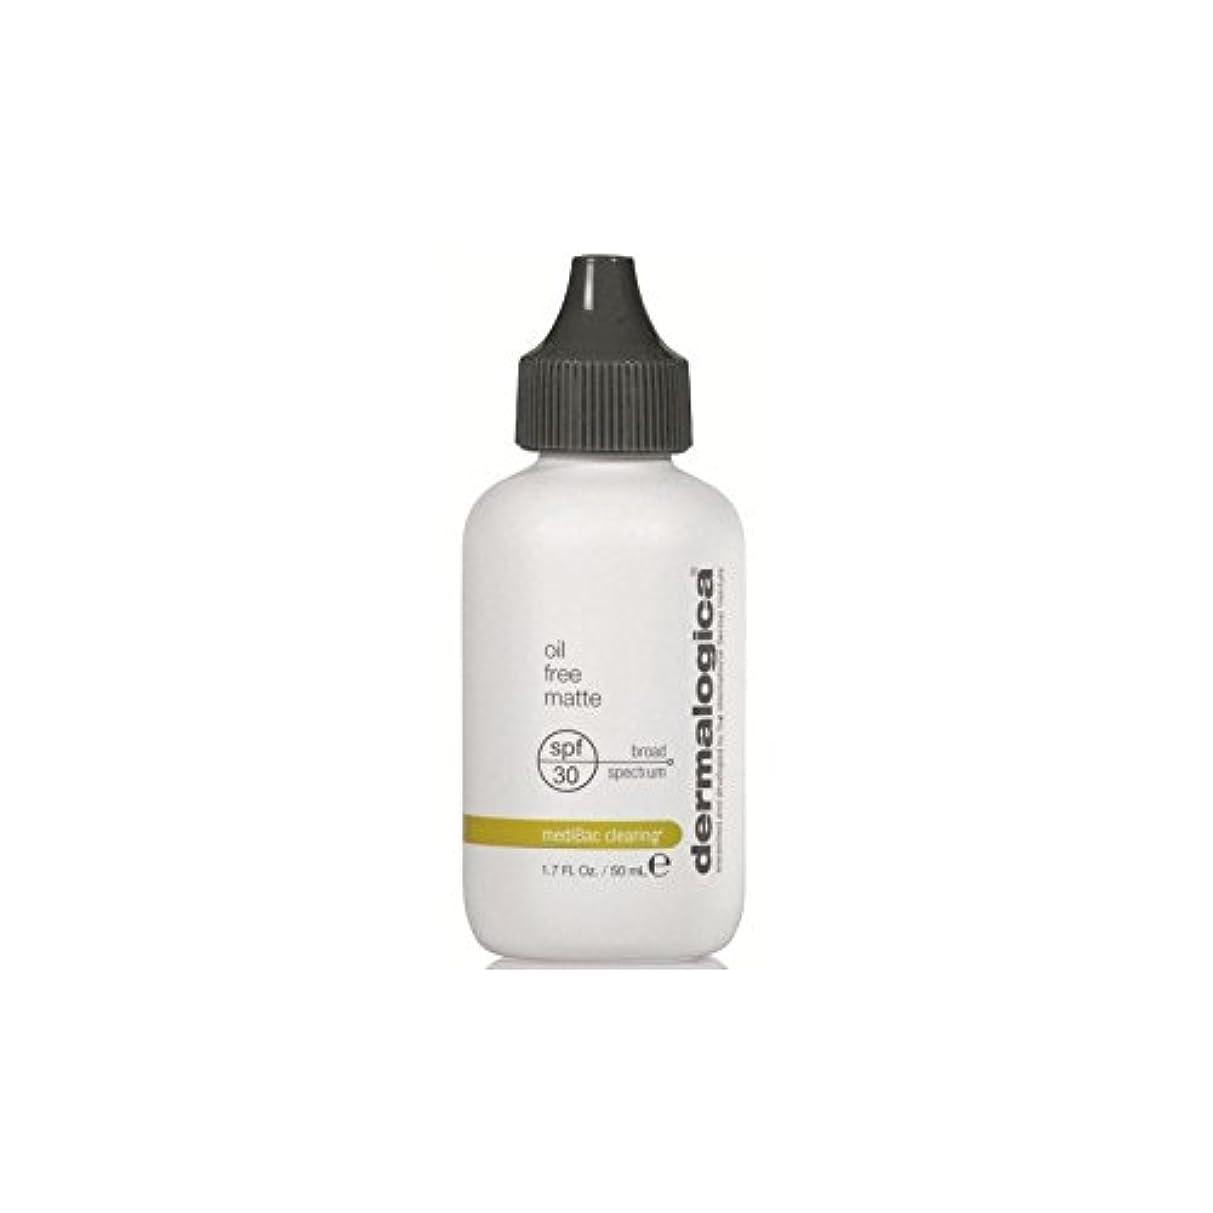 膿瘍シソーラスメタルラインDermalogica Oil-Free Matte Spf 30 (Pack of 6) - ダーマロジカオイルフリーマット 30 x6 [並行輸入品]